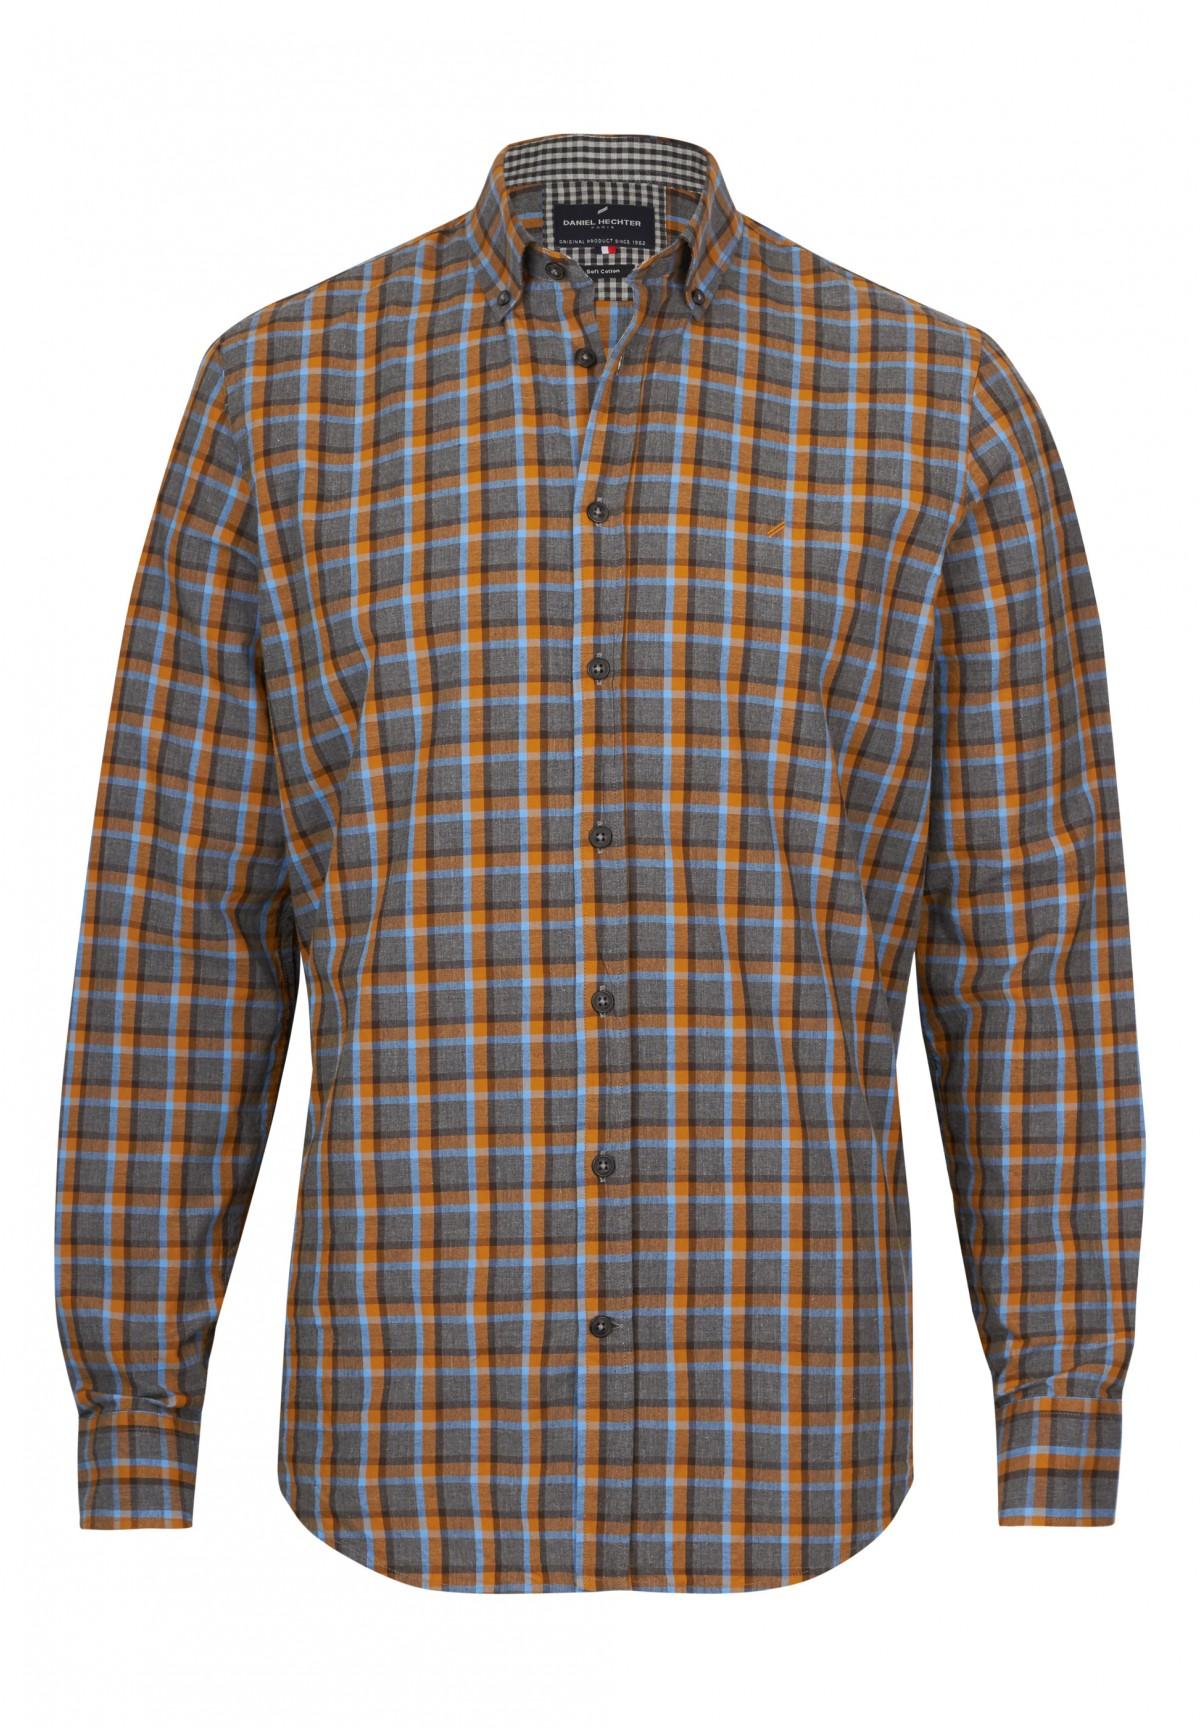 Freizeithemd mit Karo-Muster / Freizeithemd mit Karo-Muster